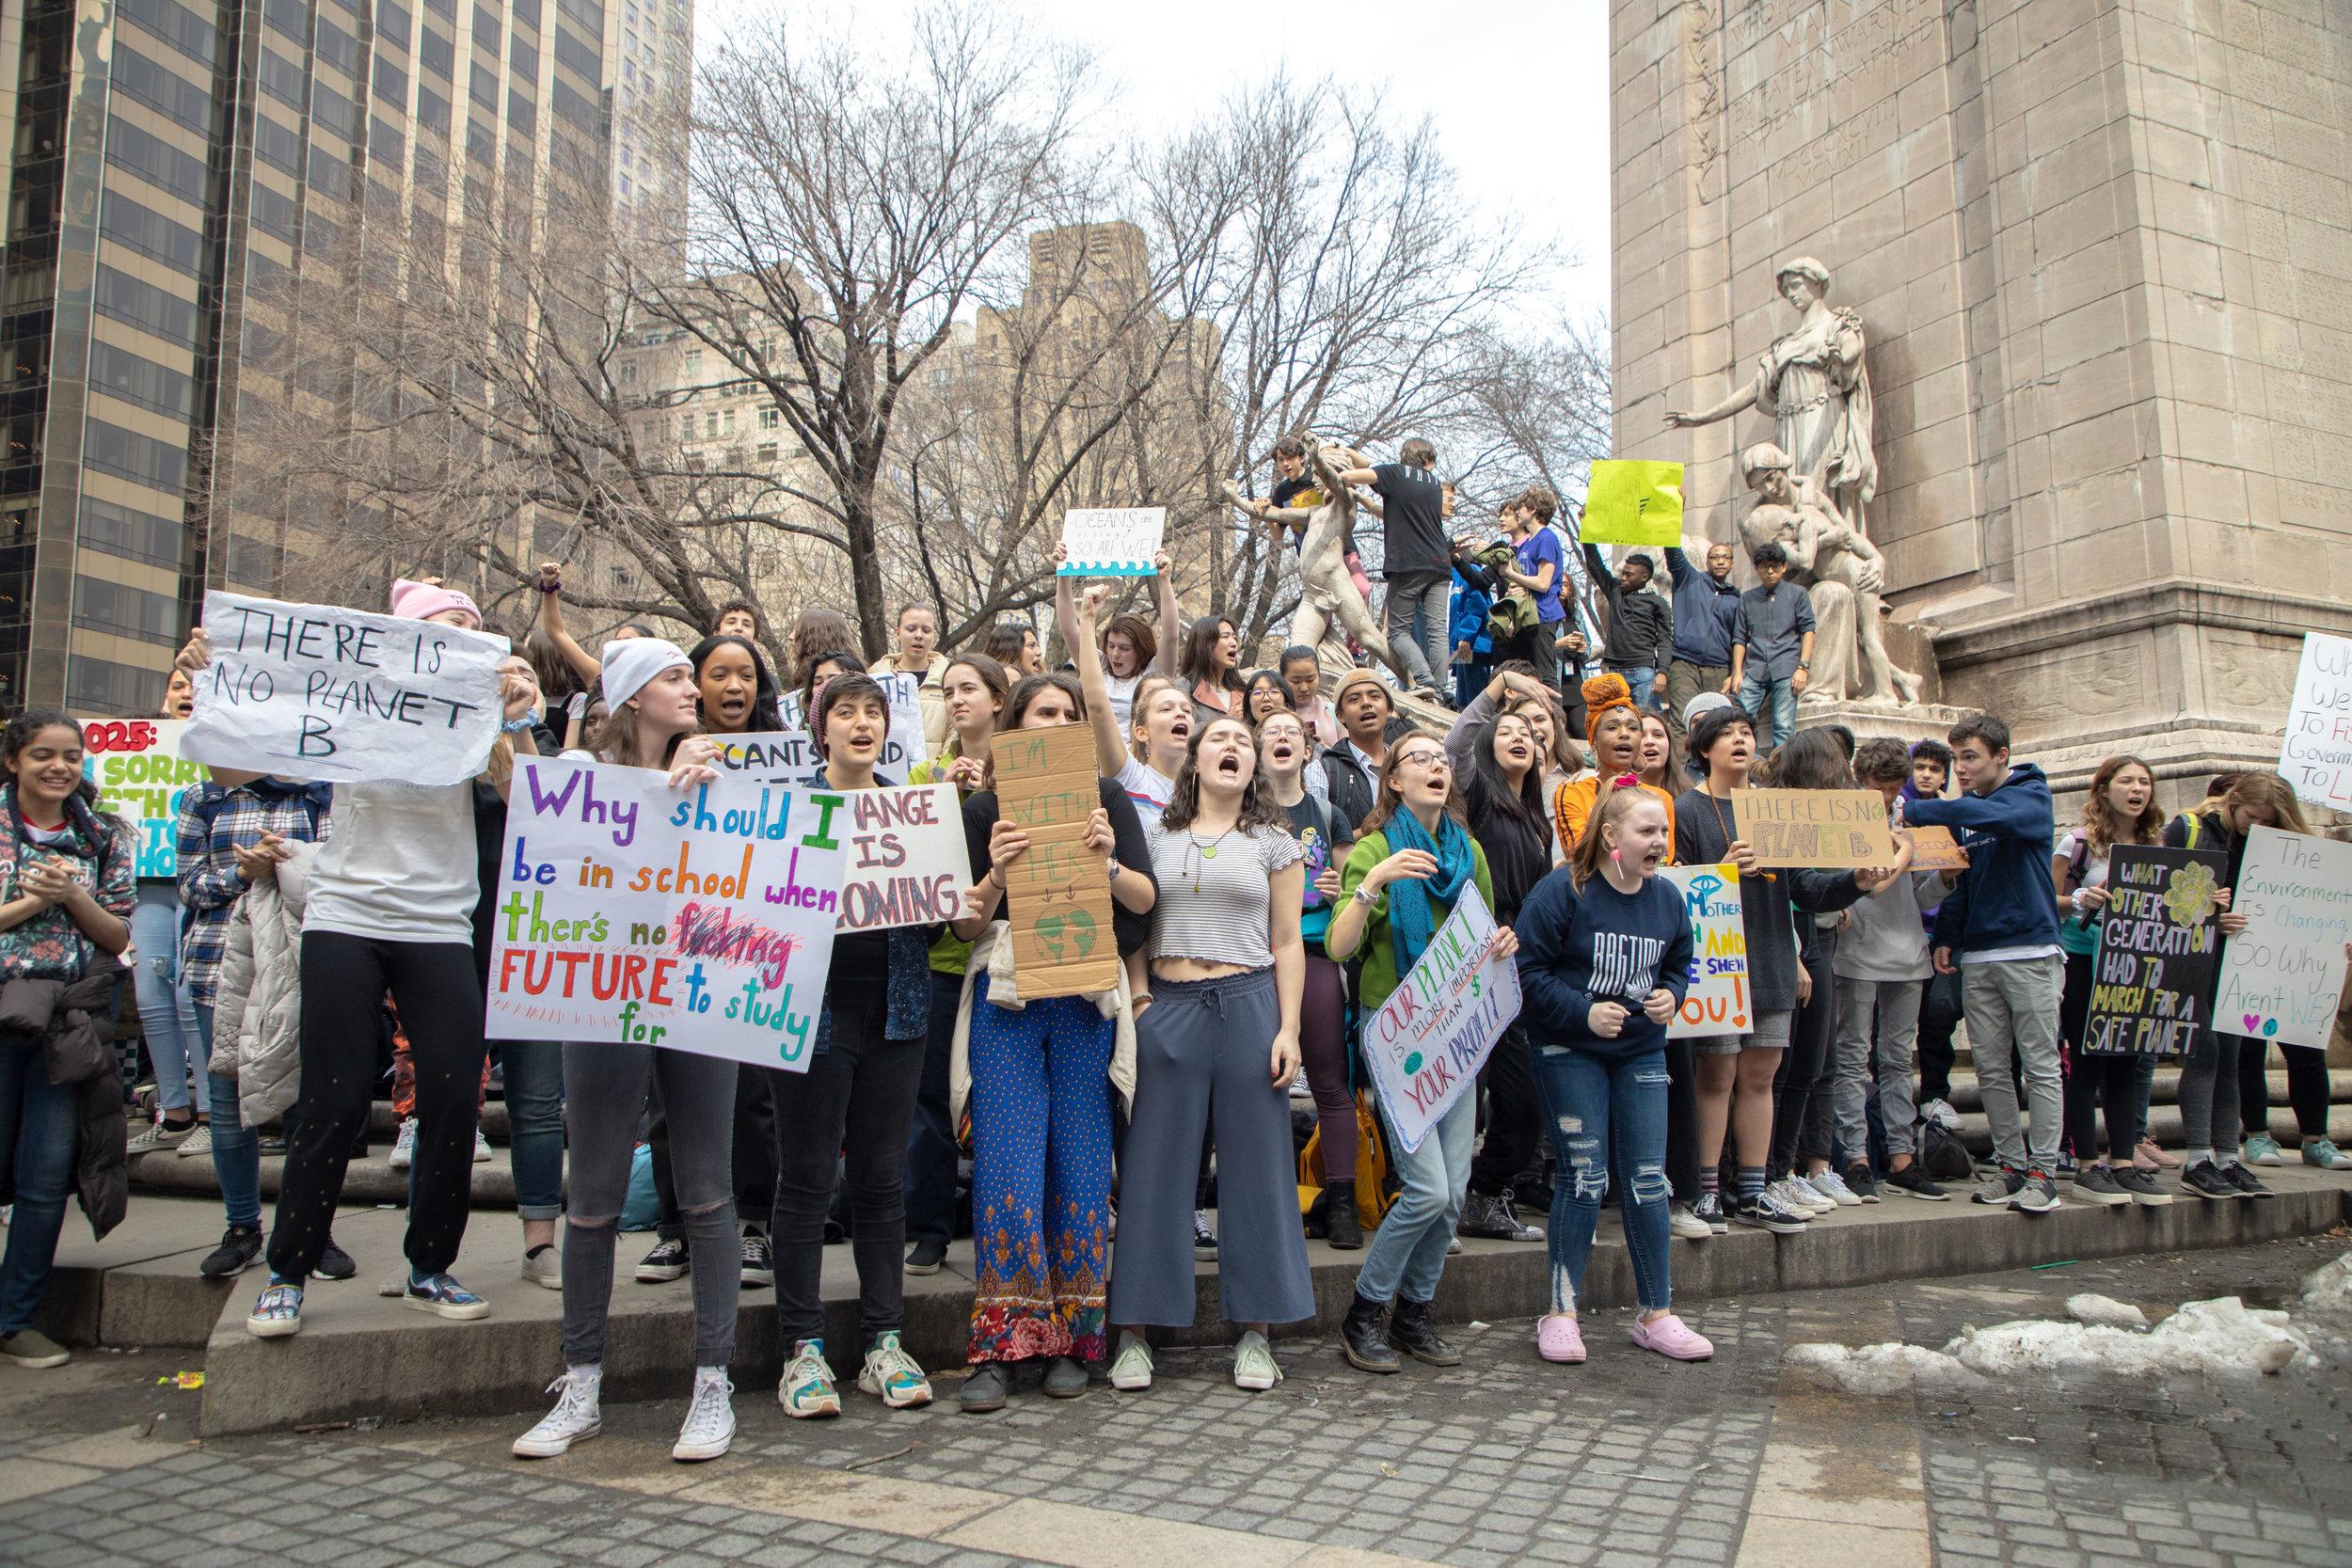 3.15.19_YouthClimateStrike_NYC_ColumbusCircle-4.jpg